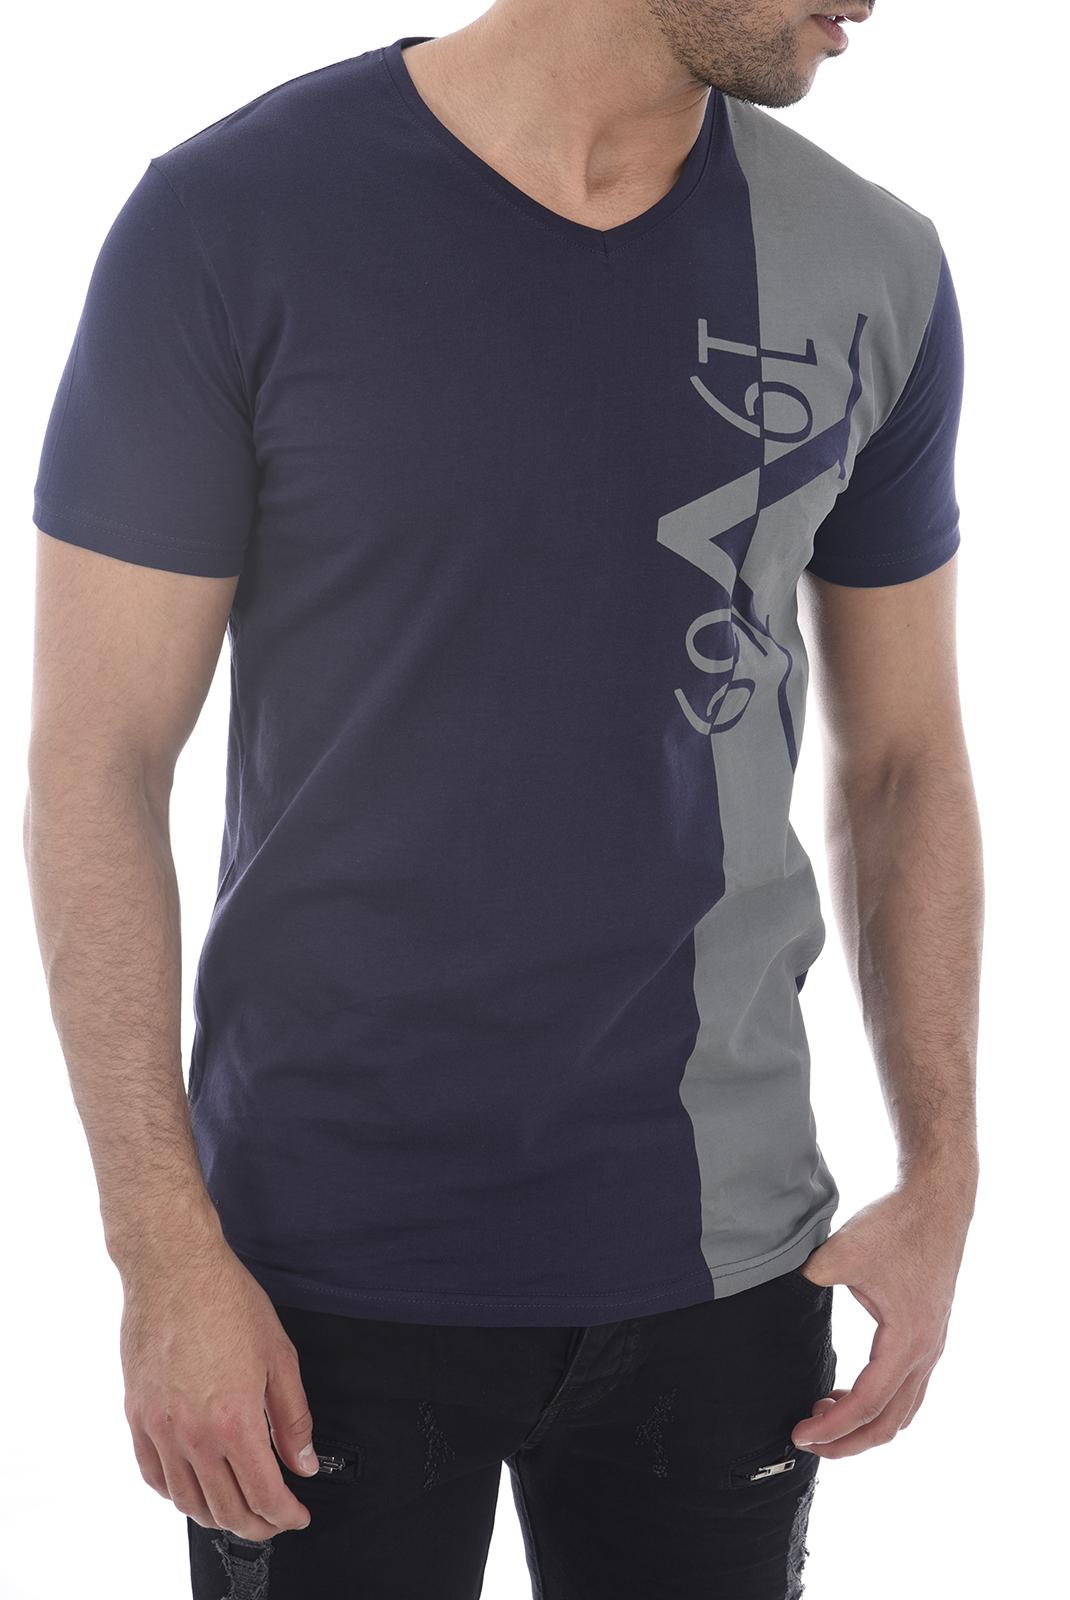 Tee-shirts  Versace 19.69 FORLI MARINE